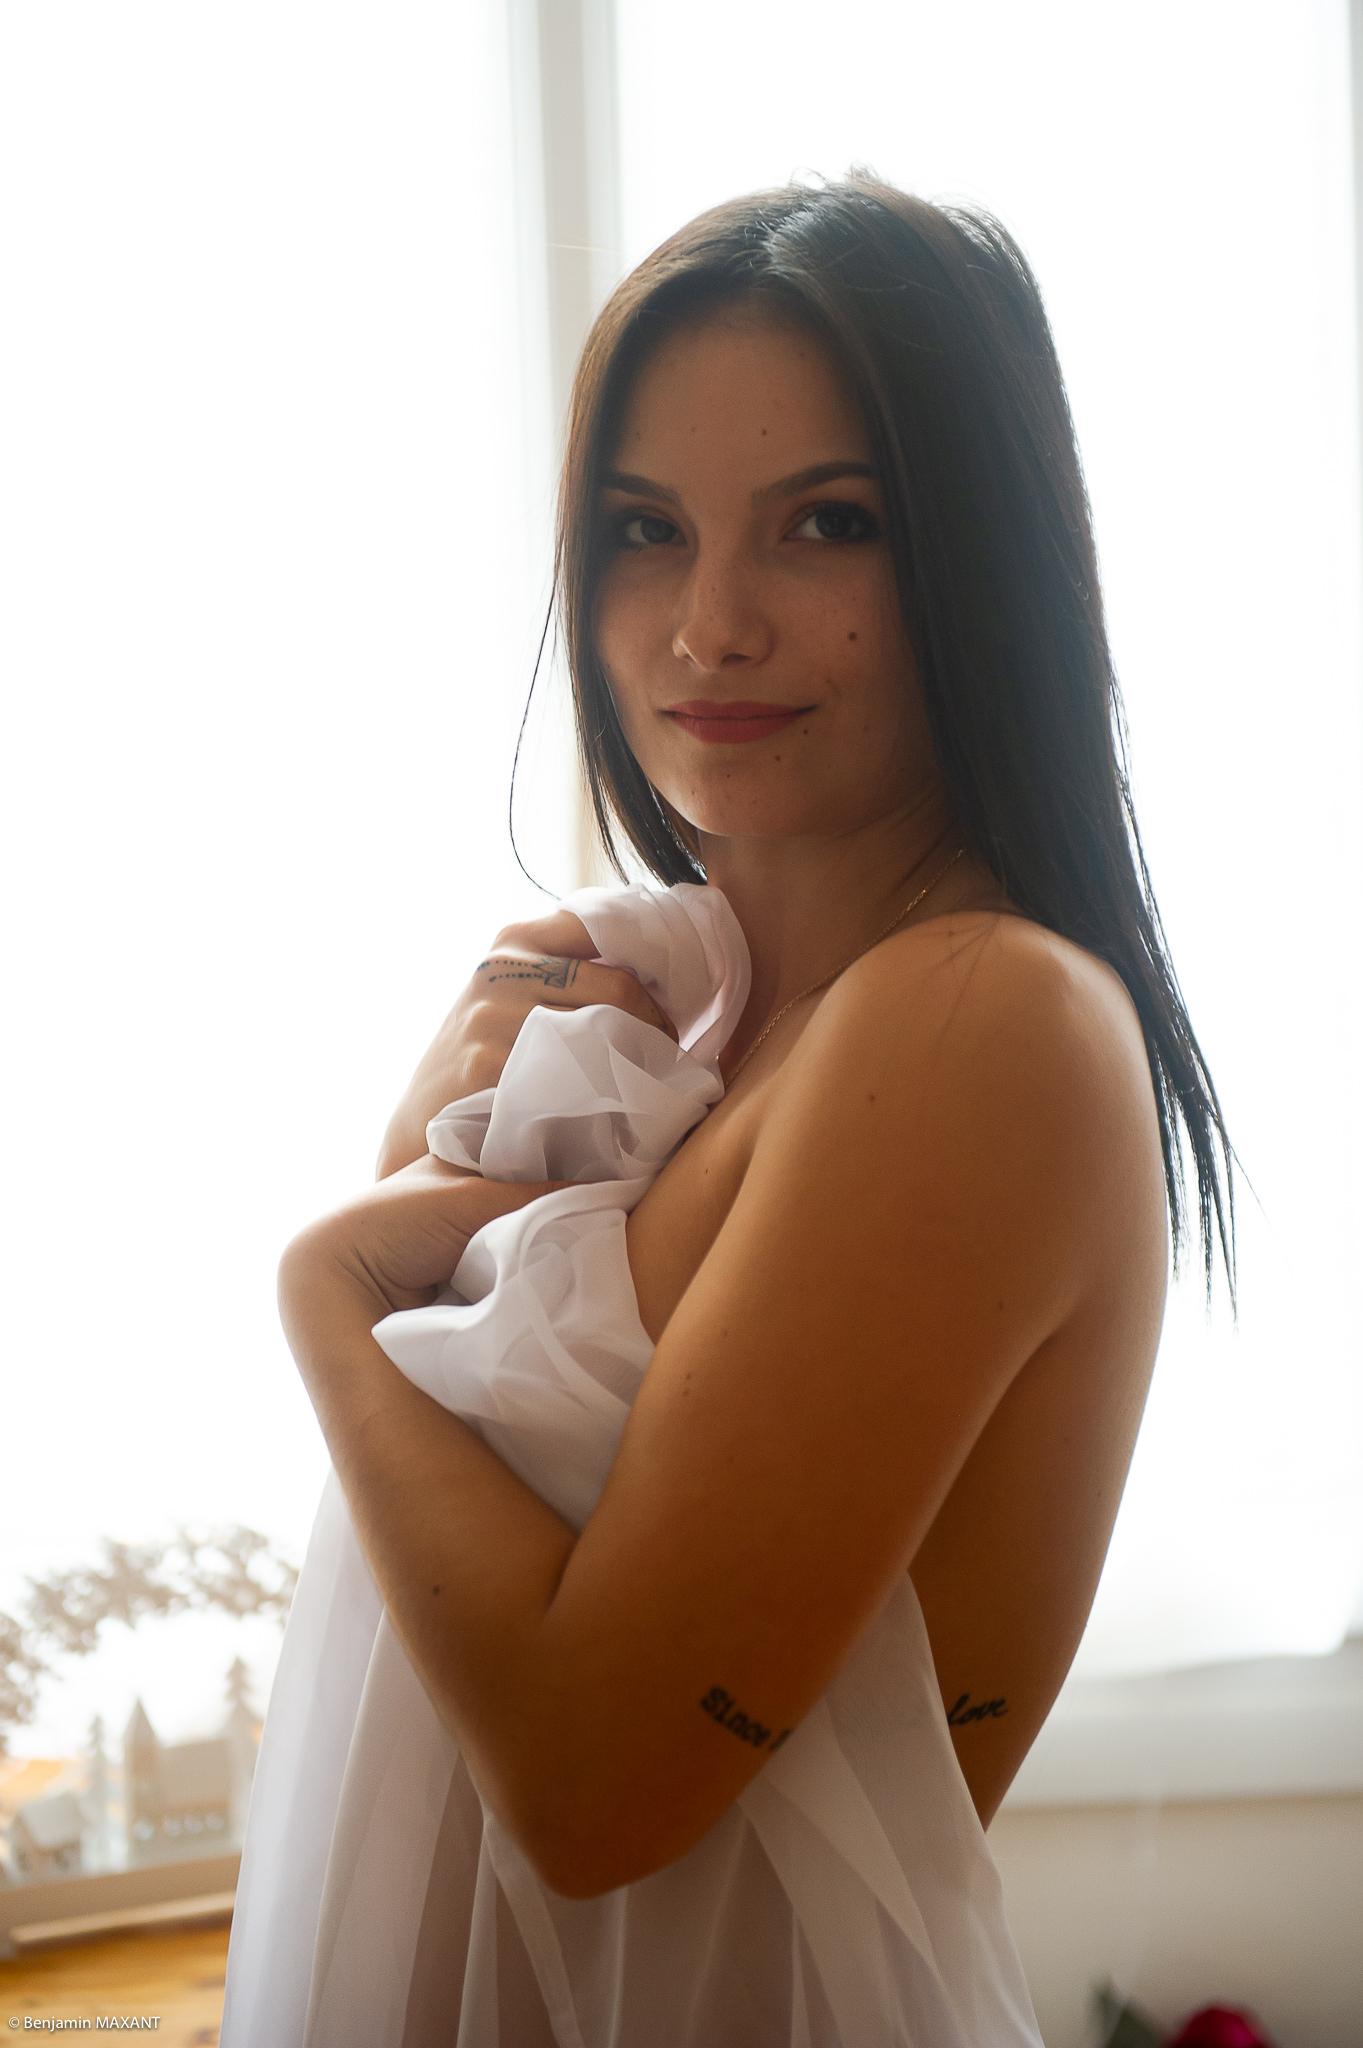 Séance photo boudoir nue debout avec le voile